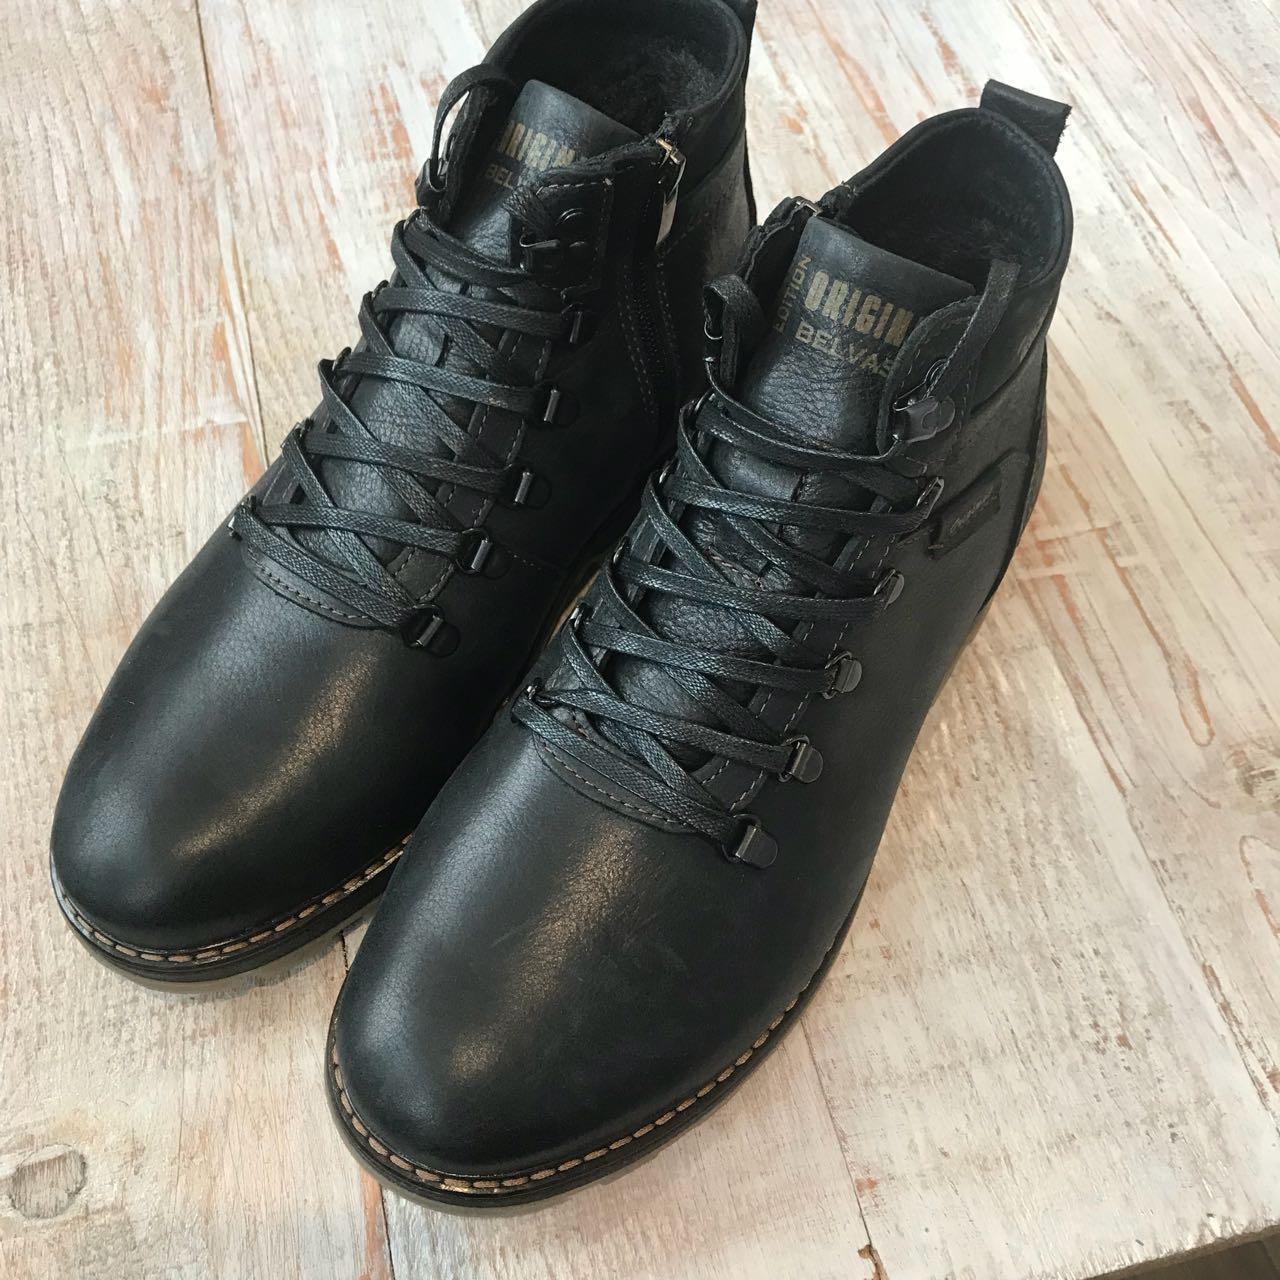 Кожаные ботинки Belvas 43-45 размеры 0303b41fa823a